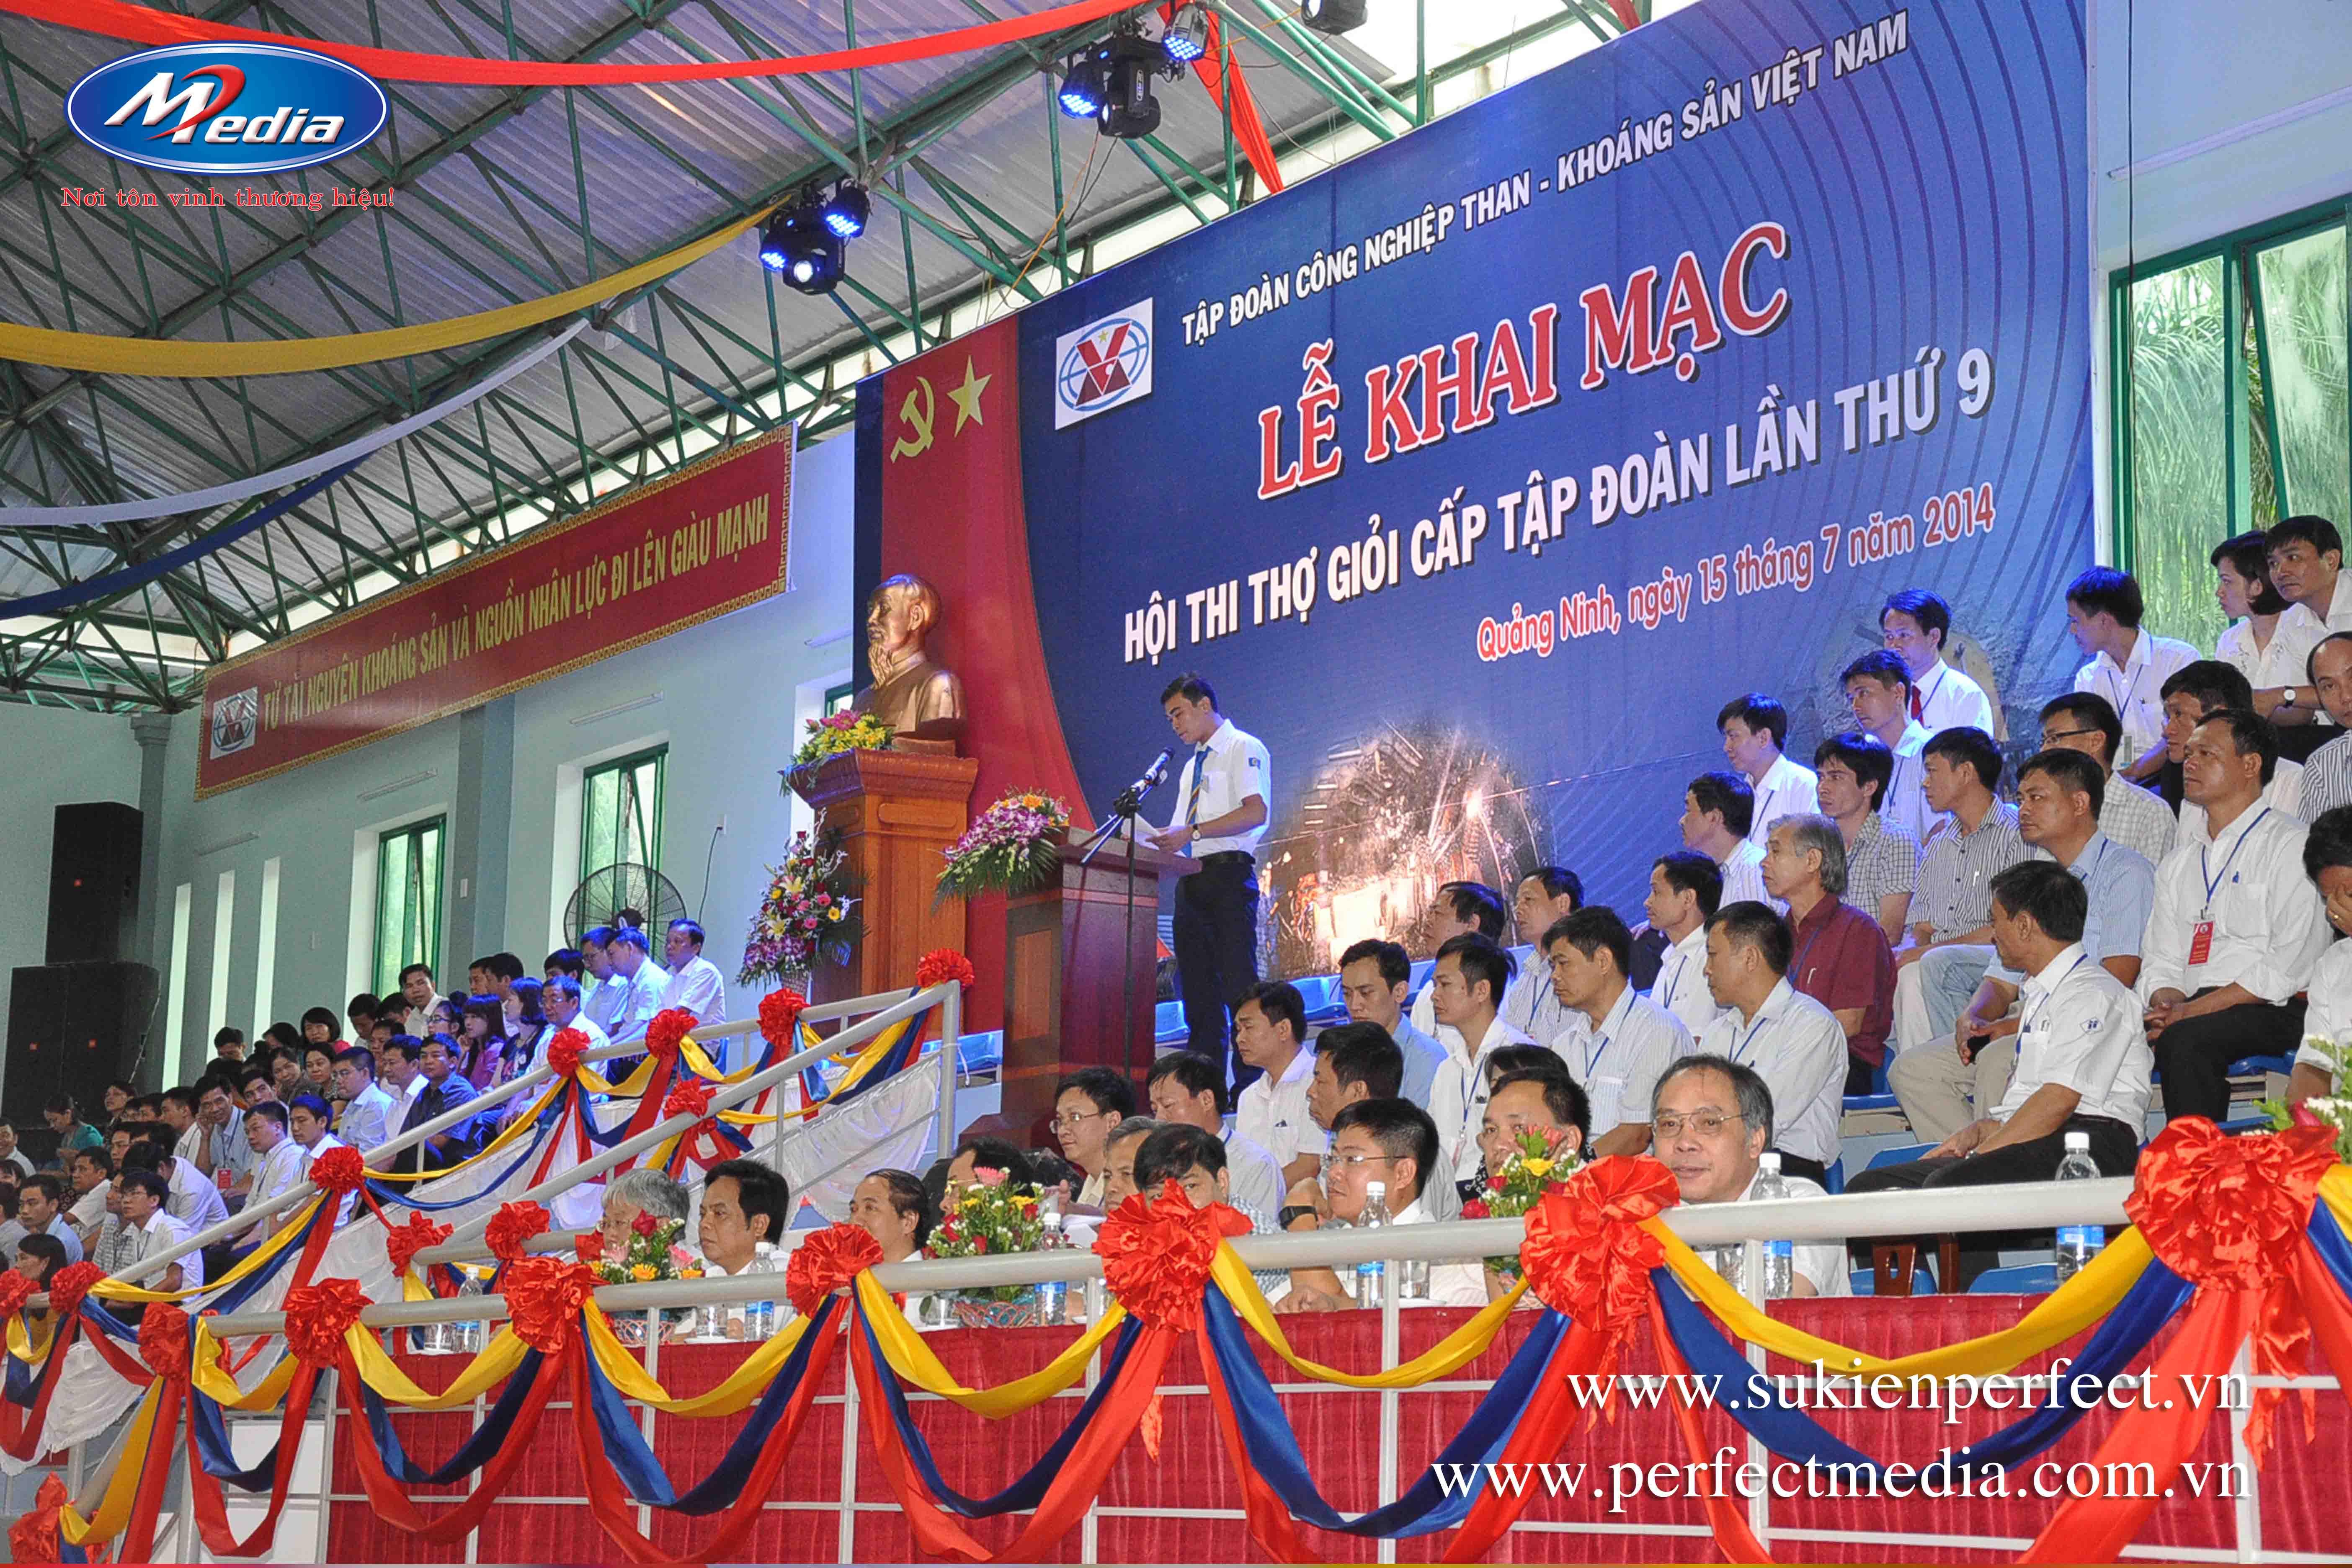 công ty tổ chức sự kiện Hạ Long Quảng Ninh Perfect Media 6